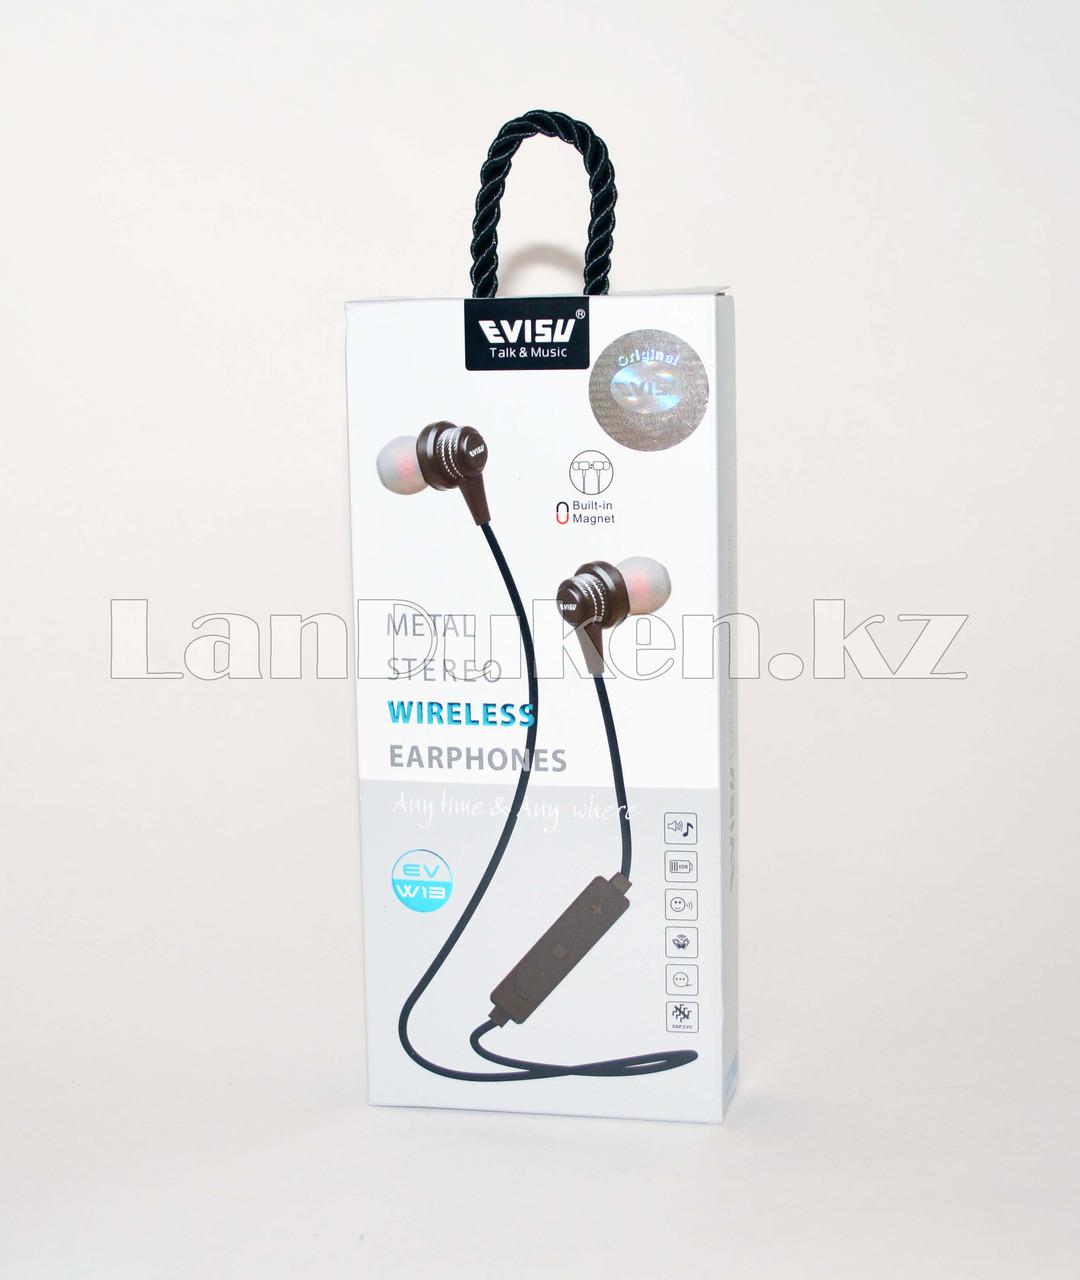 Спортивные Блютуз наушники Evisu W13 sports wireless earphones c магнитным креплением серые - фото 8